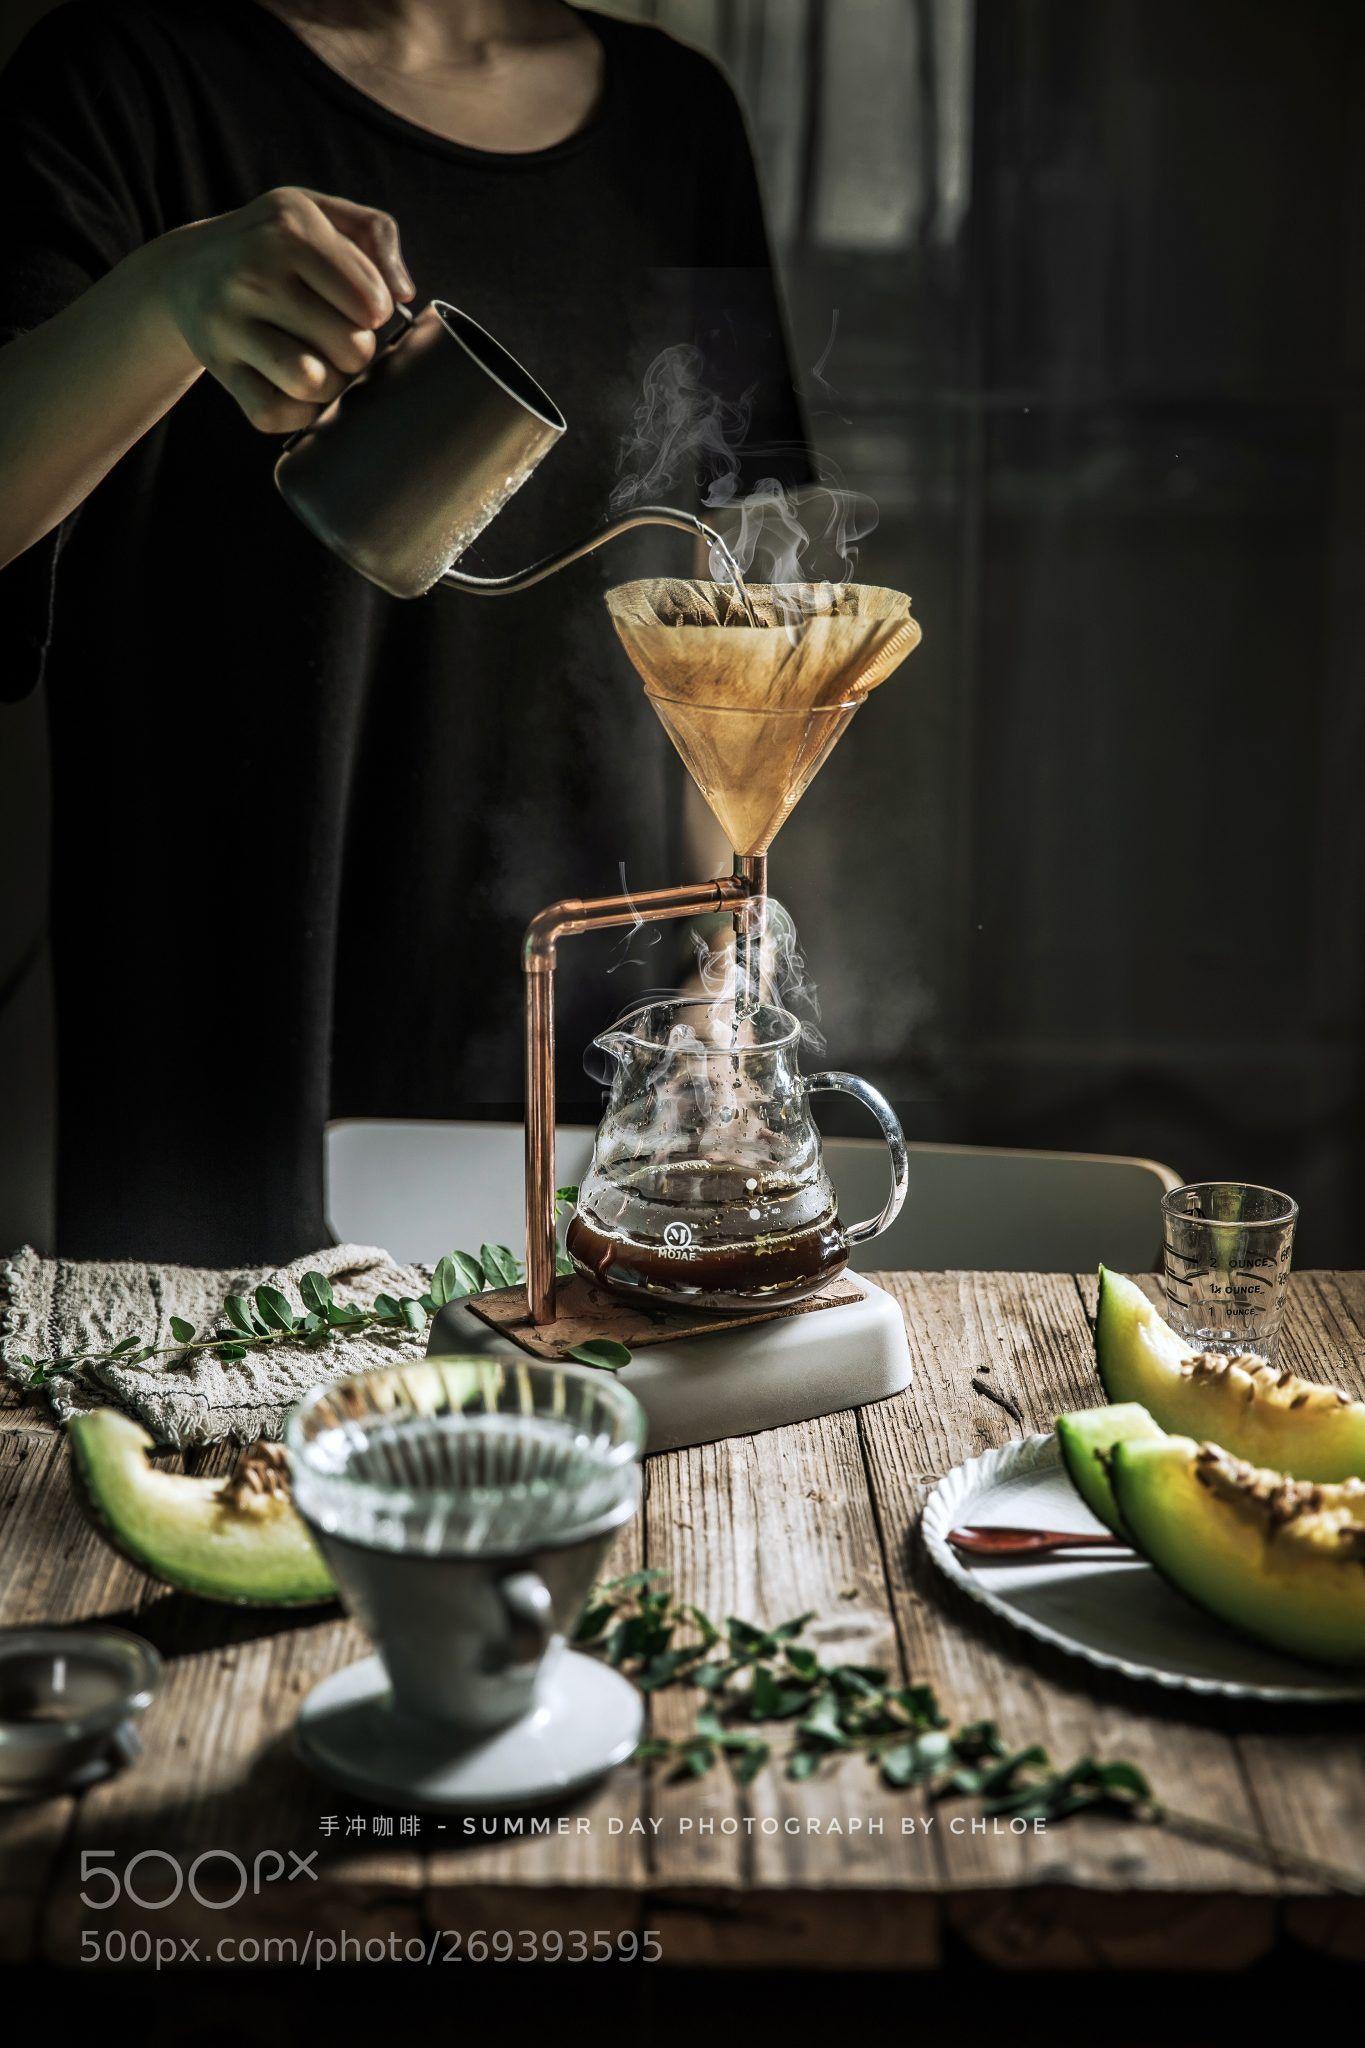 手冲咖啡 by vcgcrazygo Chemex coffee, Aeropress coffee, Coffee